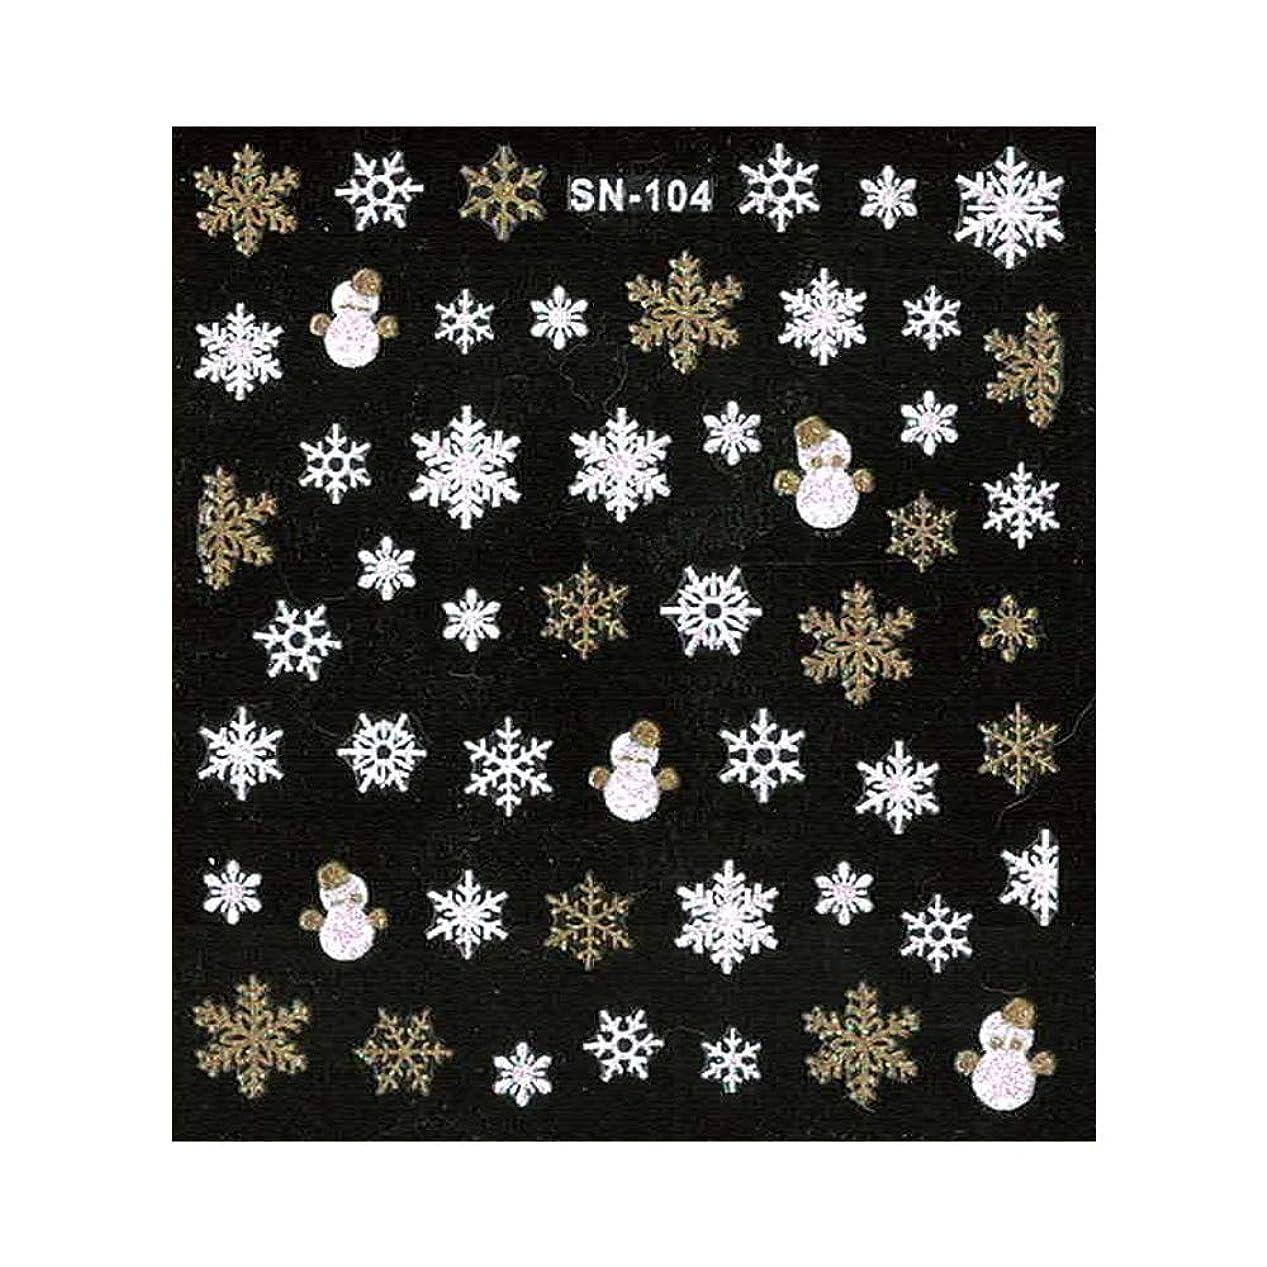 真夜中苦しむエンティティネイルシール 雪の結晶 [ ネイル シール 冬 ウィンター クリスマス 雪 雪だるま リボン ネイルアート ] (ゴールドMIX)